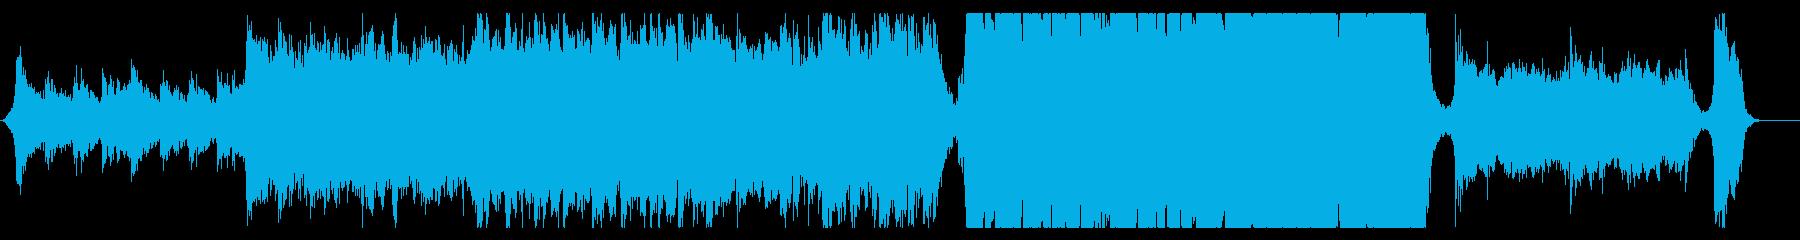 ハリウッド映画風の壮大なオーケストラ8Dの再生済みの波形